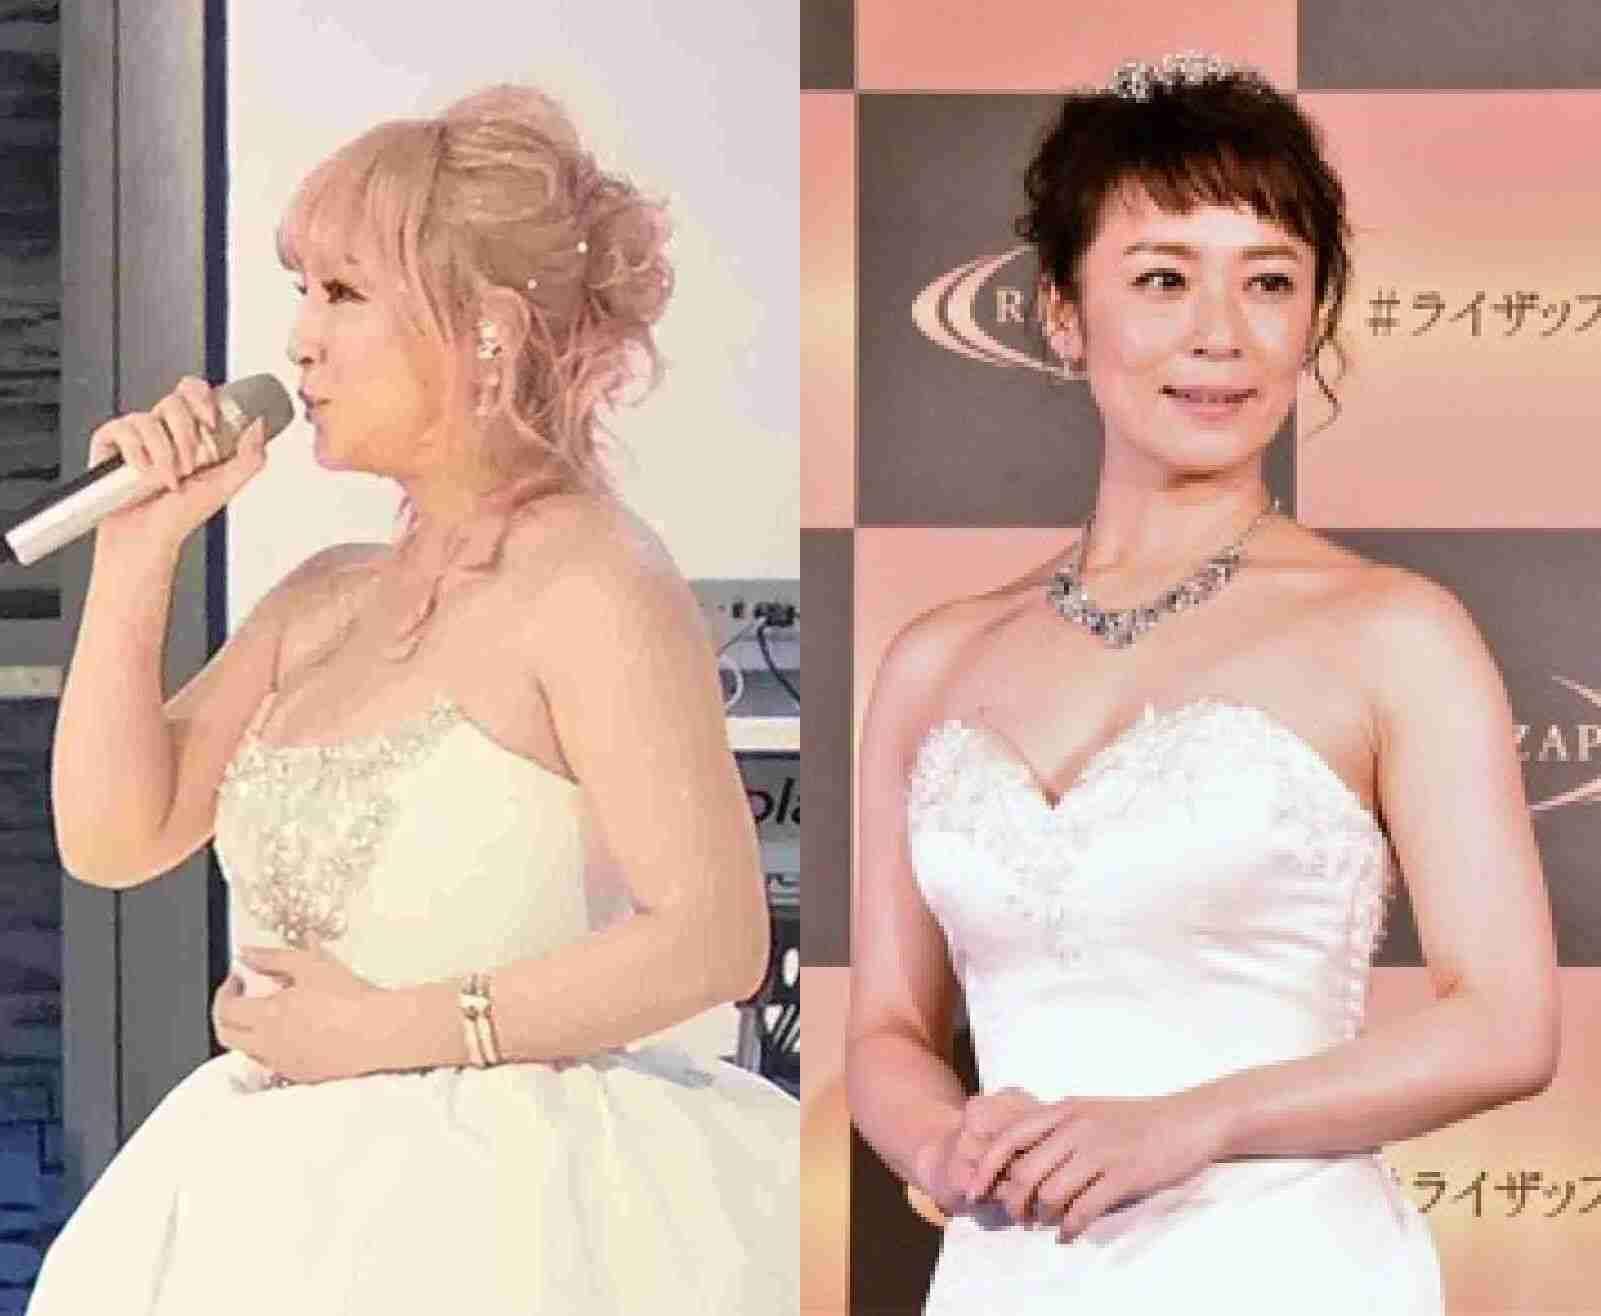 浜崎あゆみ、ギャル時代を彷彿とさせる「ニュー髪色」に賛否両論が飛び交う